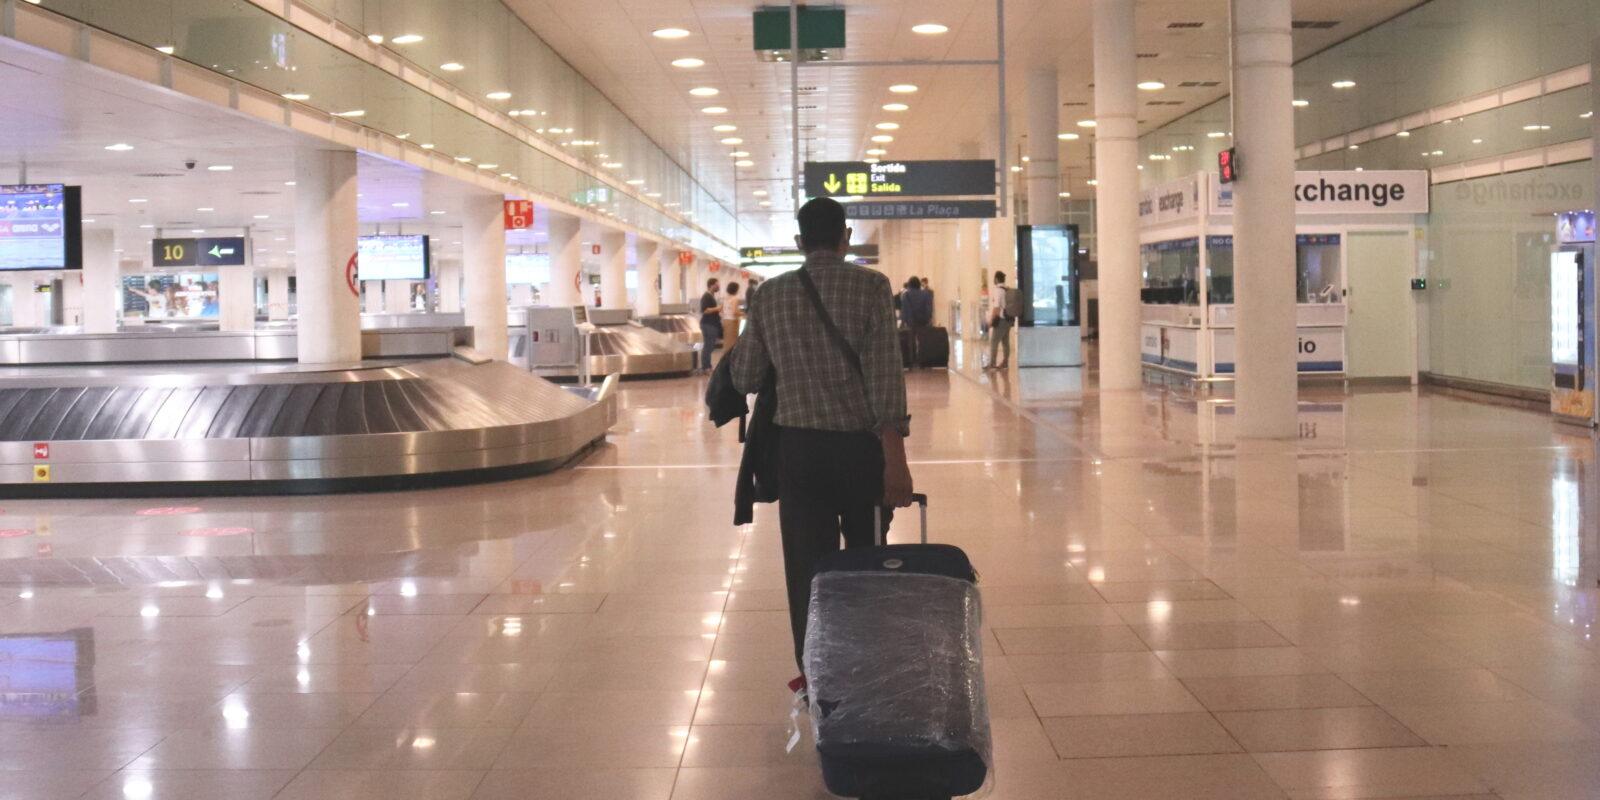 Un viatger caminant amb maletes a la zona d'arribades de la T1 a l'aeroport del Prat el 19 de juny del 2020 / ACN